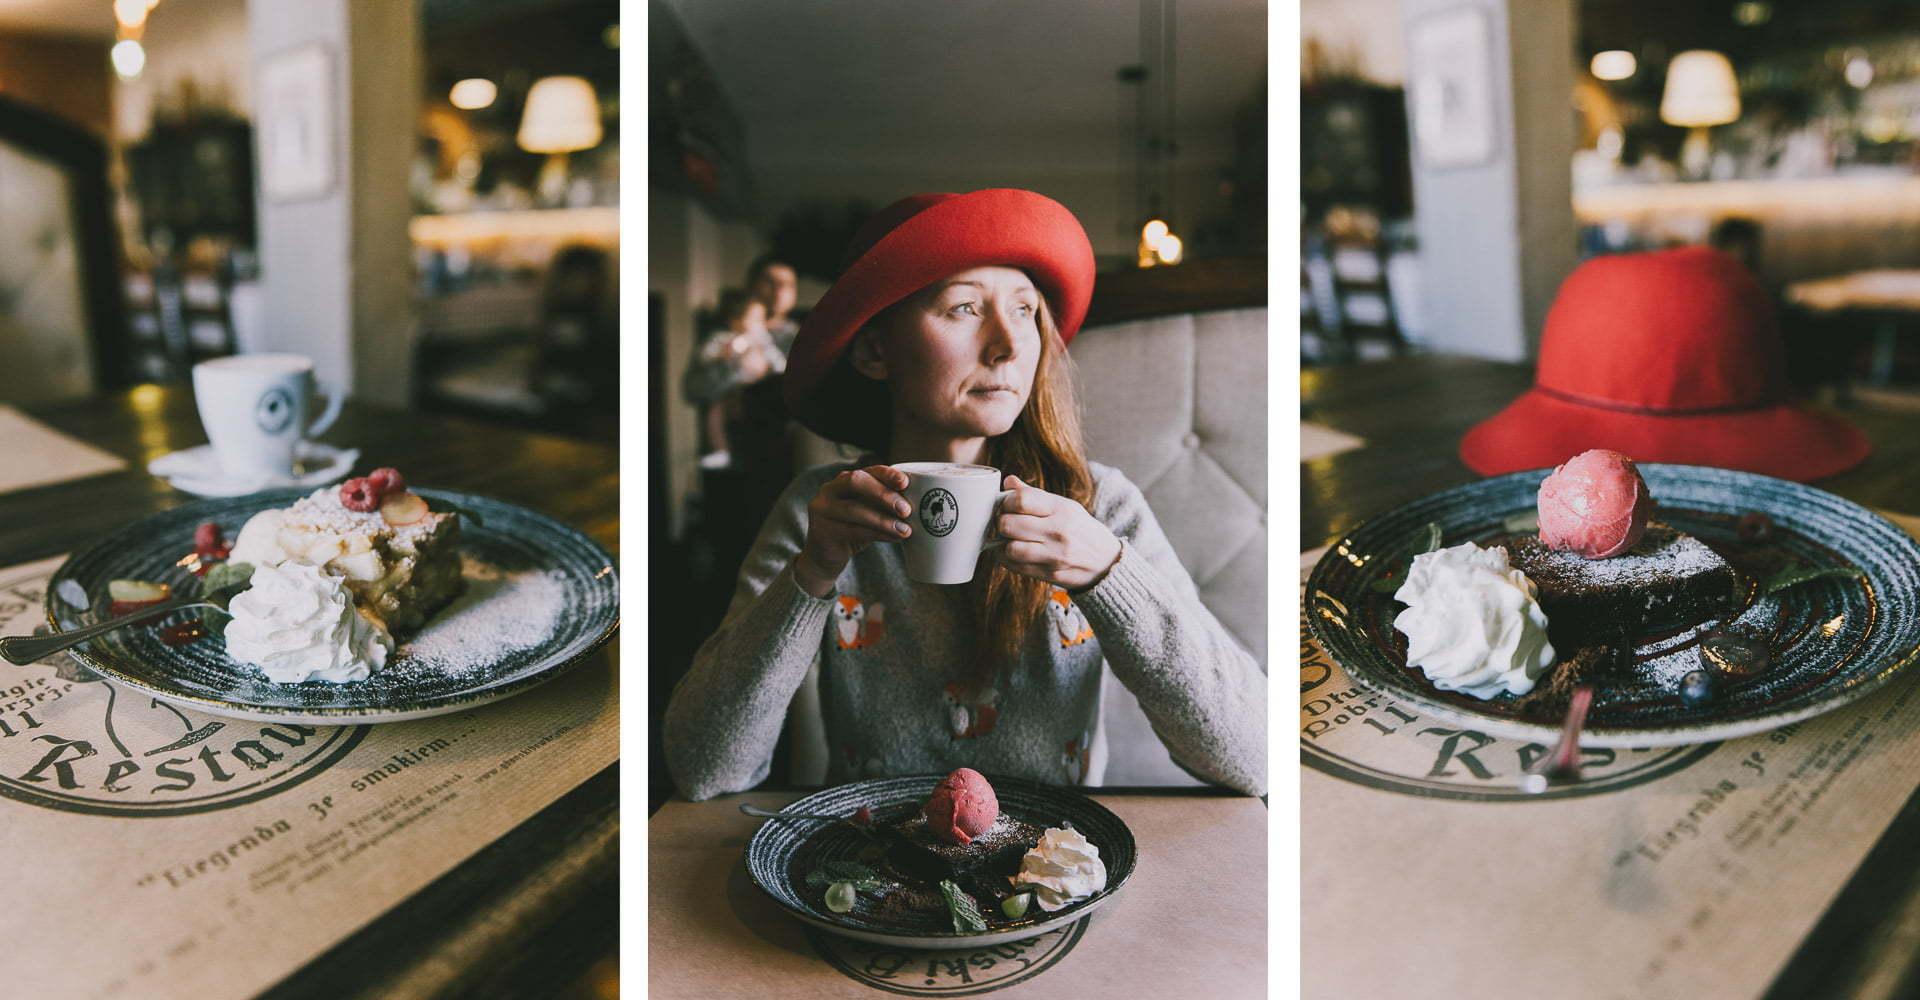 Gdański Bowke - Ciasto czekoladowe zsorbetem malinowym